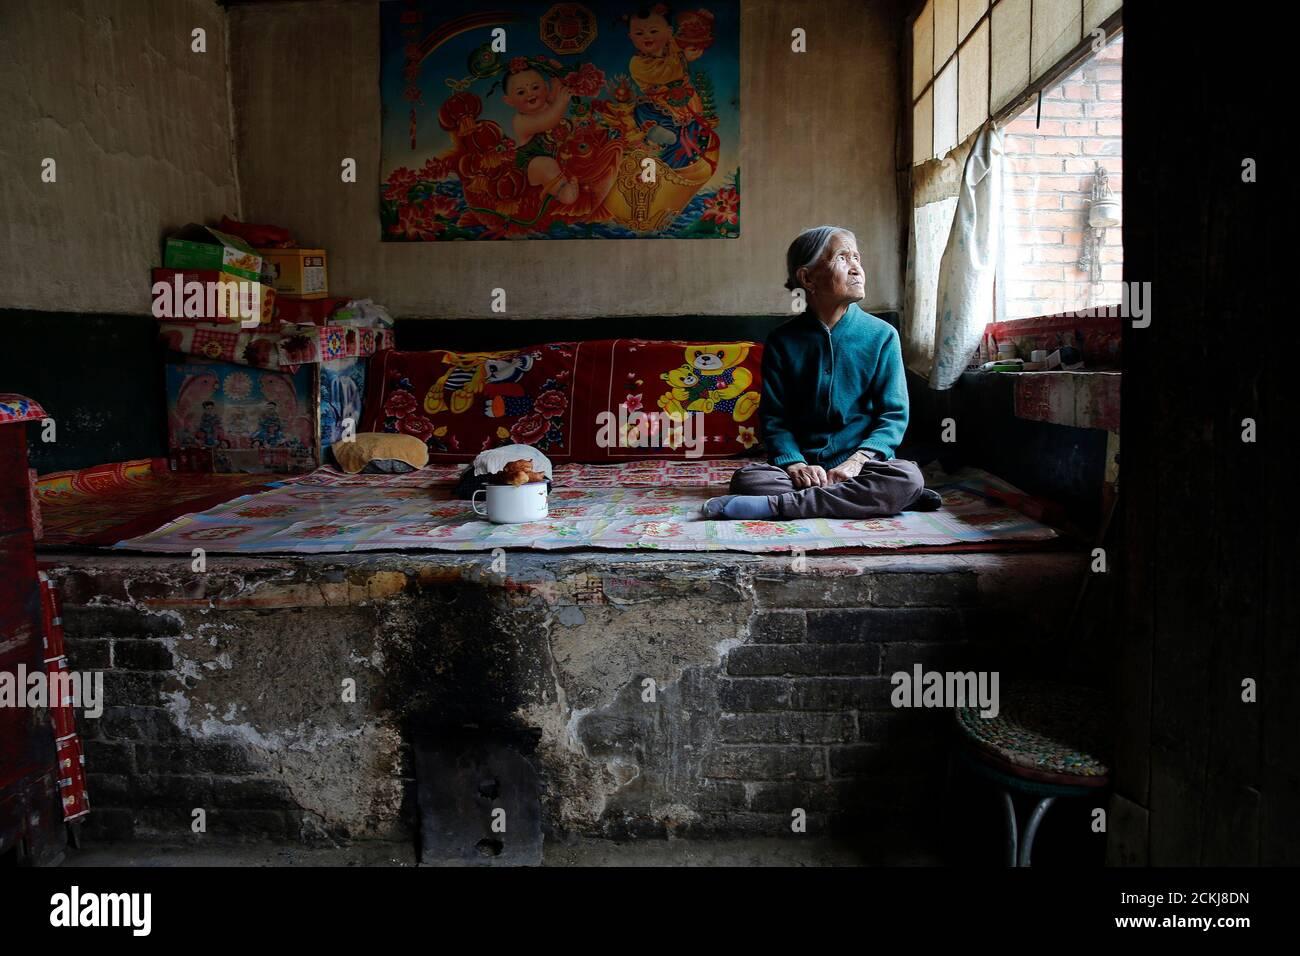 """Zhang Xiantu, ex 'mujer de la comodidad' China, descansa sobre una cama tradicional de ladrillo en su casa en Xiyan Town, Provincia de Shanxi, China, 18 de julio de 2015. """"Mujeres solteras"""" es el eufemismo japonés para las mujeres que fueron forzadas a prostituirse y abusadas sexualmente en burdeles militares japoneses antes y durante la Segunda Guerra Mundial. Xiantu es la única """"mujer de consuelo"""" sobreviviente de los 16 demandantes en Shanxi que demandó al gobierno japonés en 1995 por secuestrar a niñas y utilizarlas como """"mujeres de consuelo"""" durante la Segunda Guerra Mundial. Según información de la Comisión China de Investigación sobre los hechos de la comodidad mujeres be Foto de stock"""